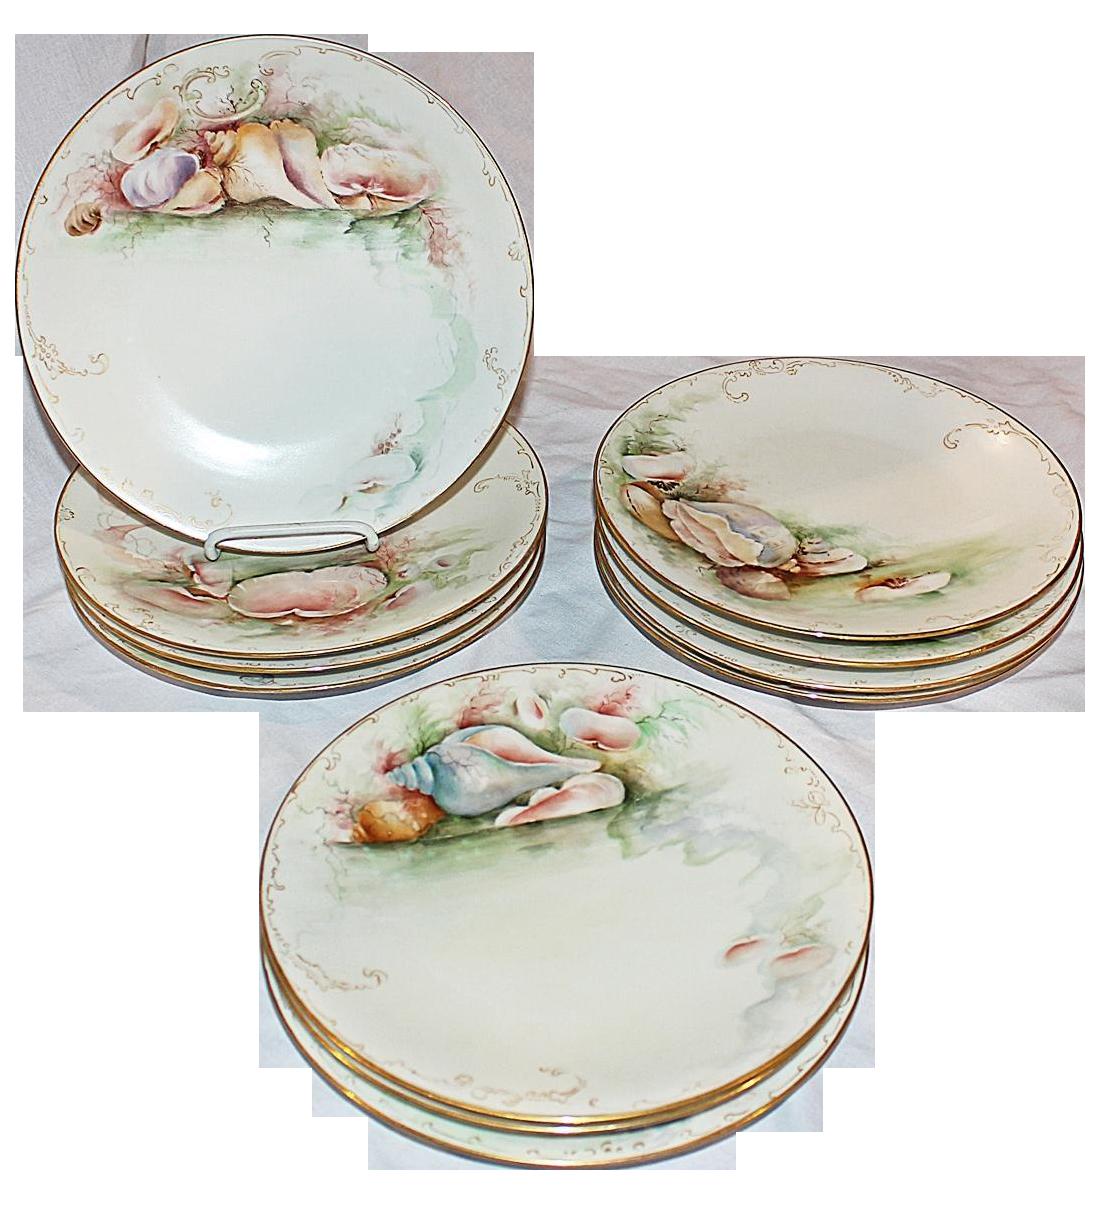 Limoges France Ocean Plates - Set of 11  sc 1 st  Chairish & Limoges France Ocean Plates - Set of 11 | Chairish